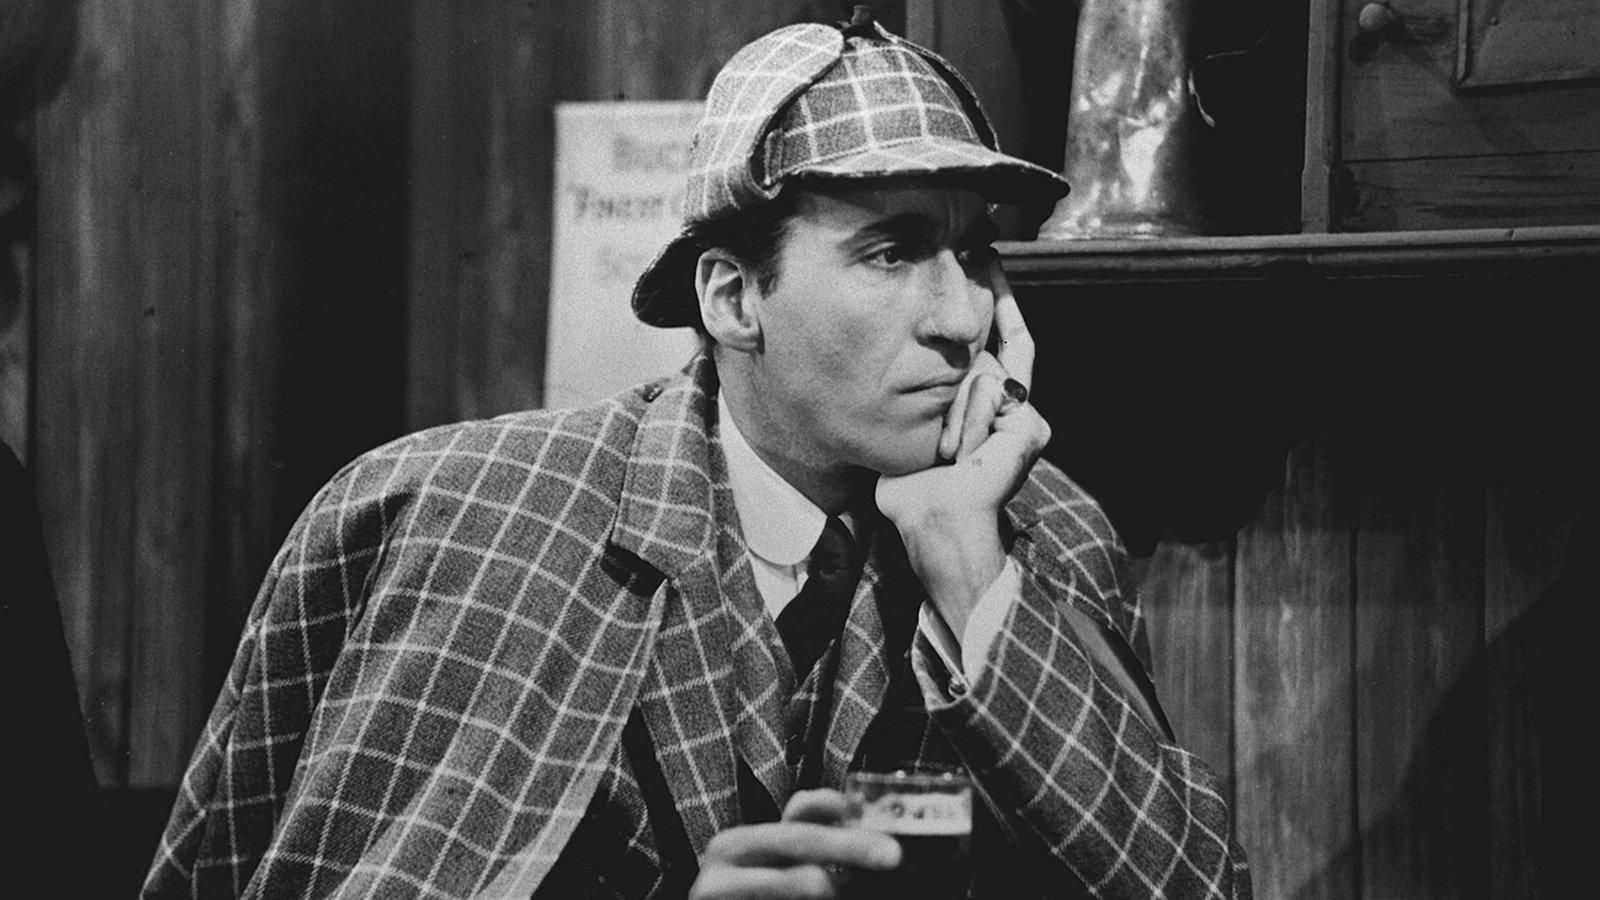 Kkiste Sherlock Holmes